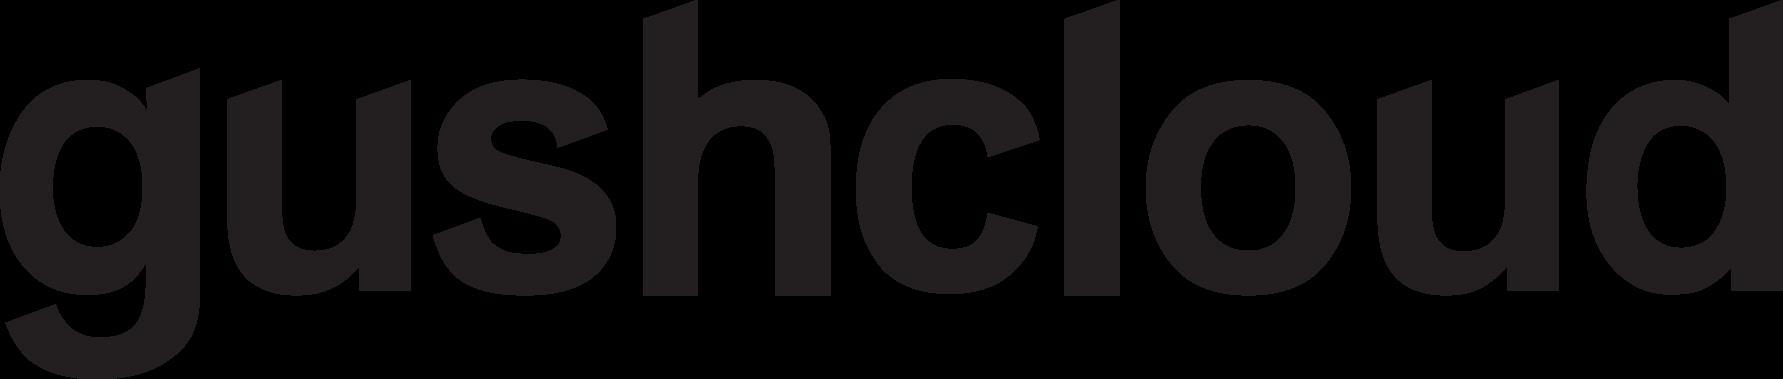 Gushcloud Logo.png